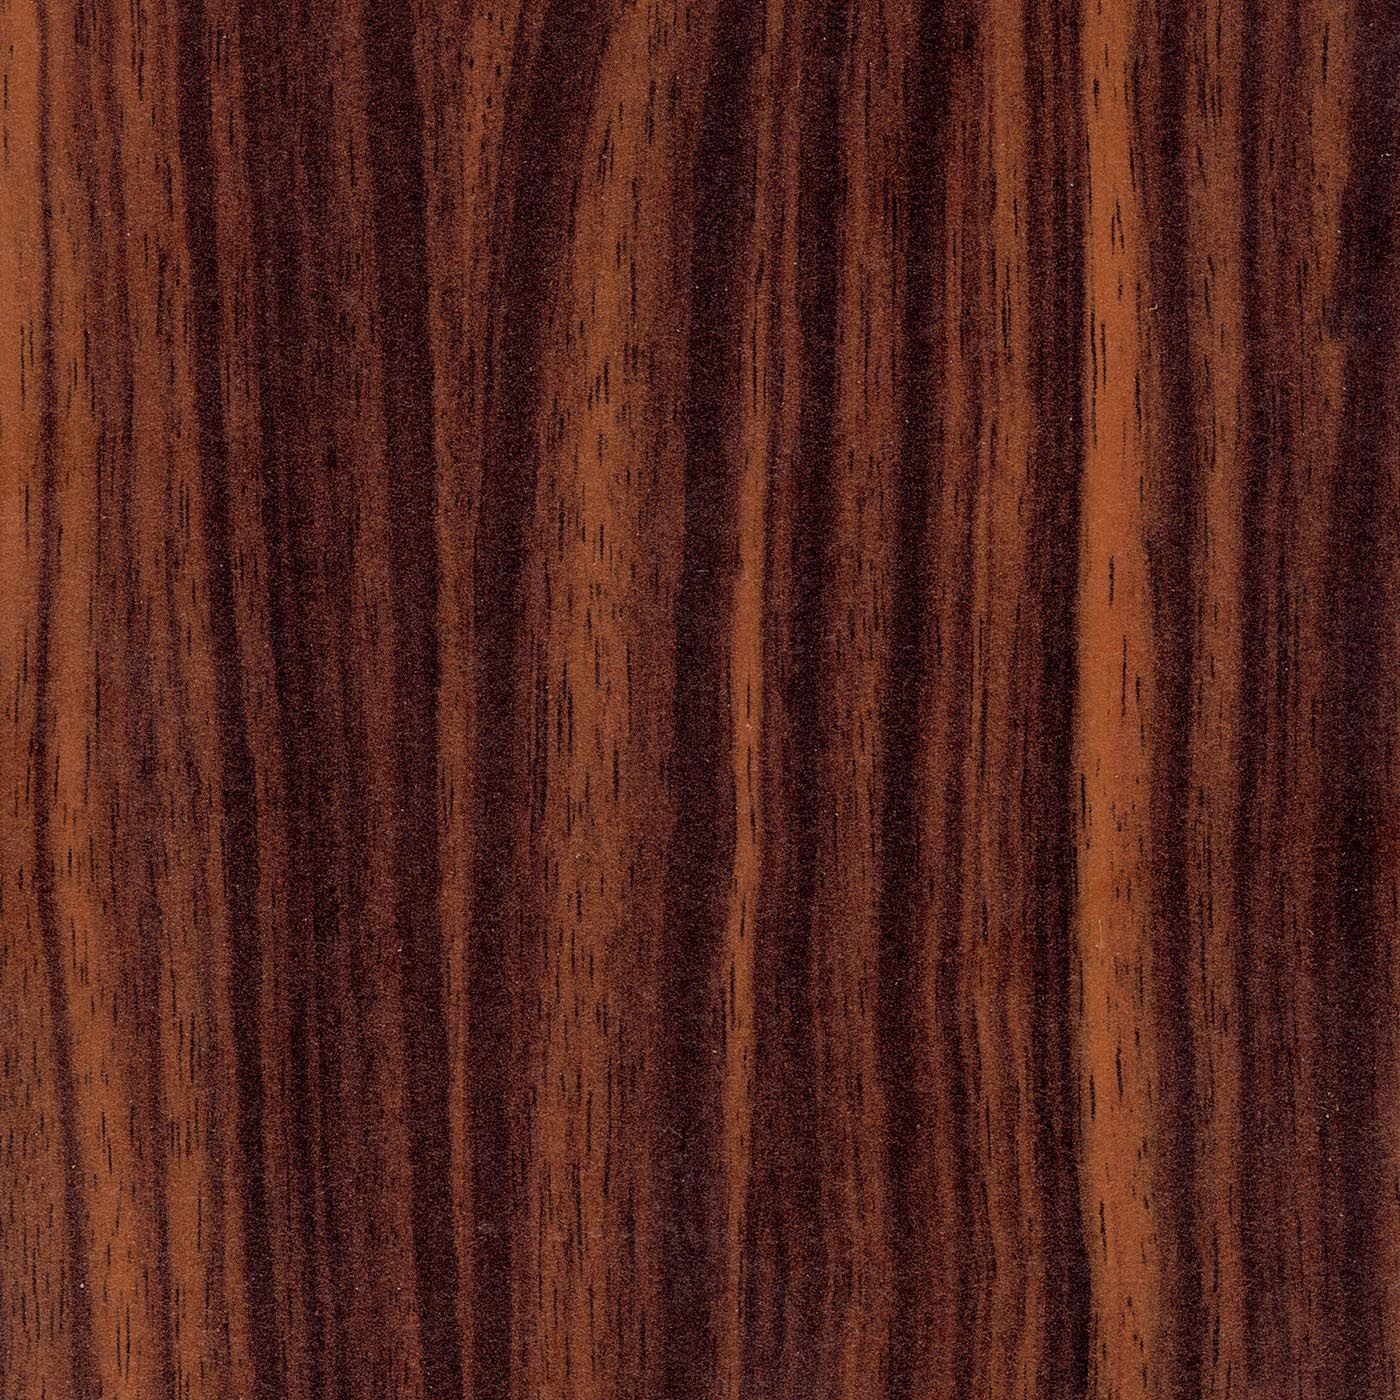 Ebony wood texture rainbow Pinterest